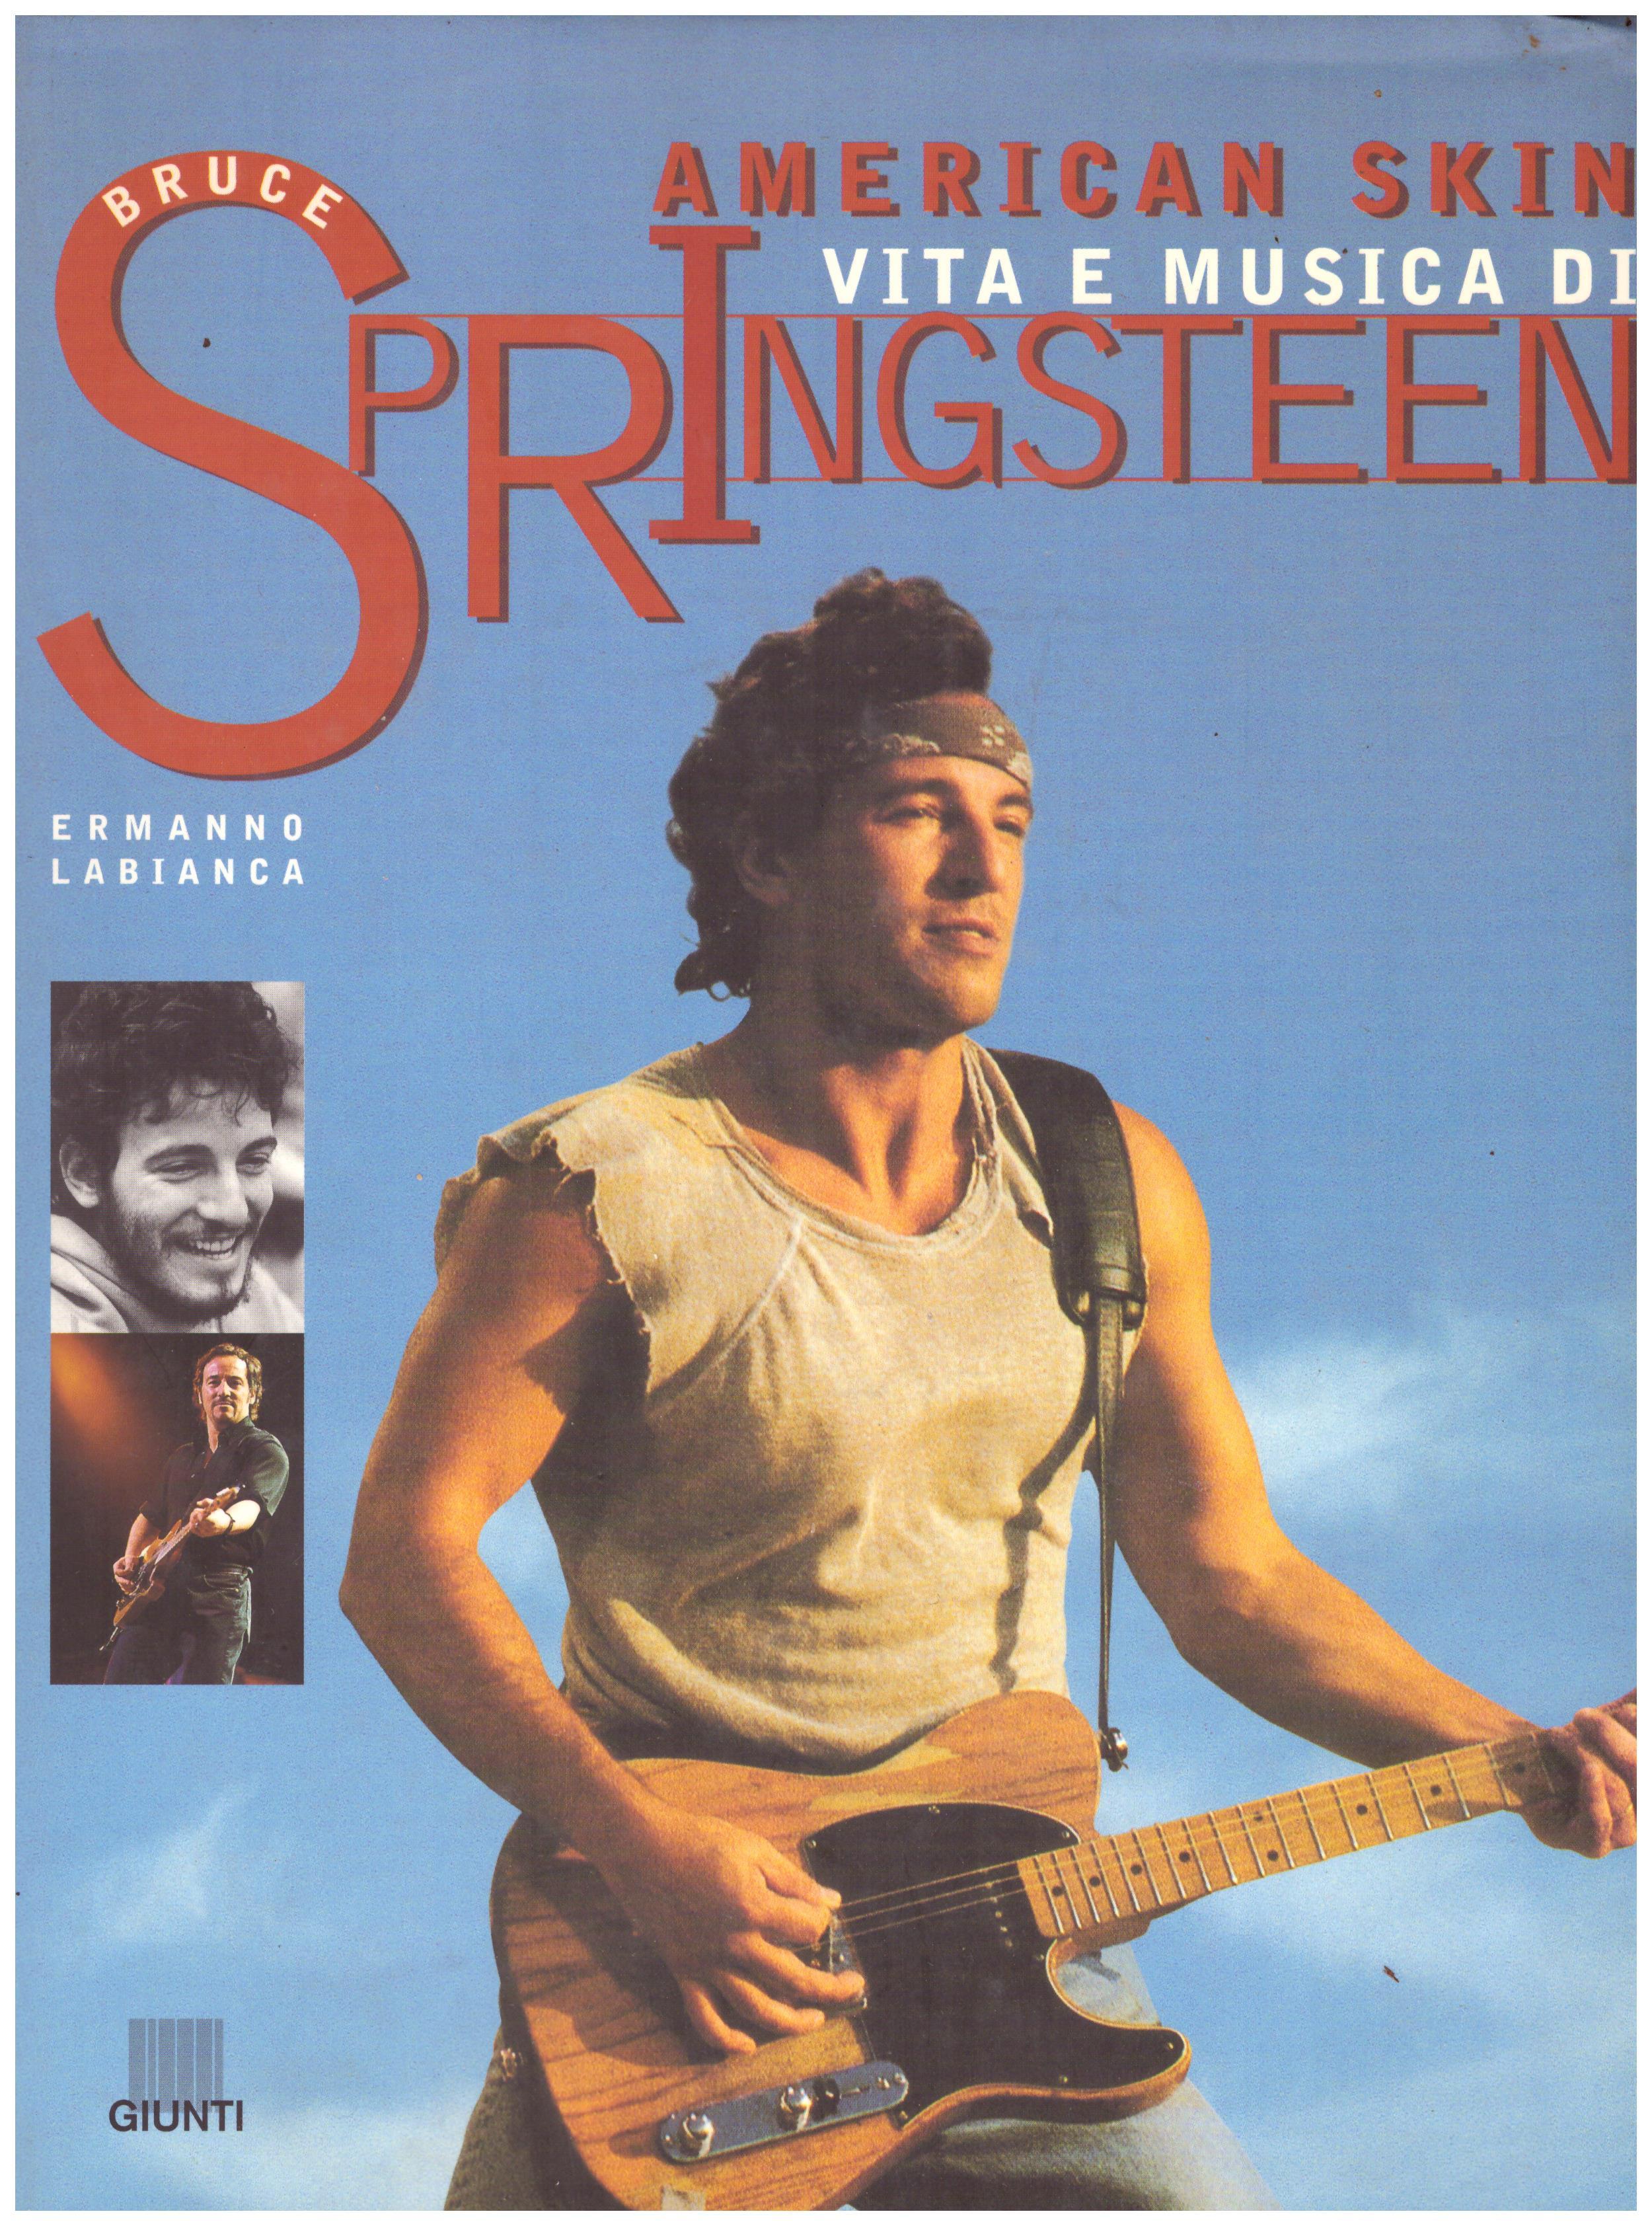 Titolo: Vita e musica di Springsteen     Autore: Ermanno Labianca    Editore: Giunti